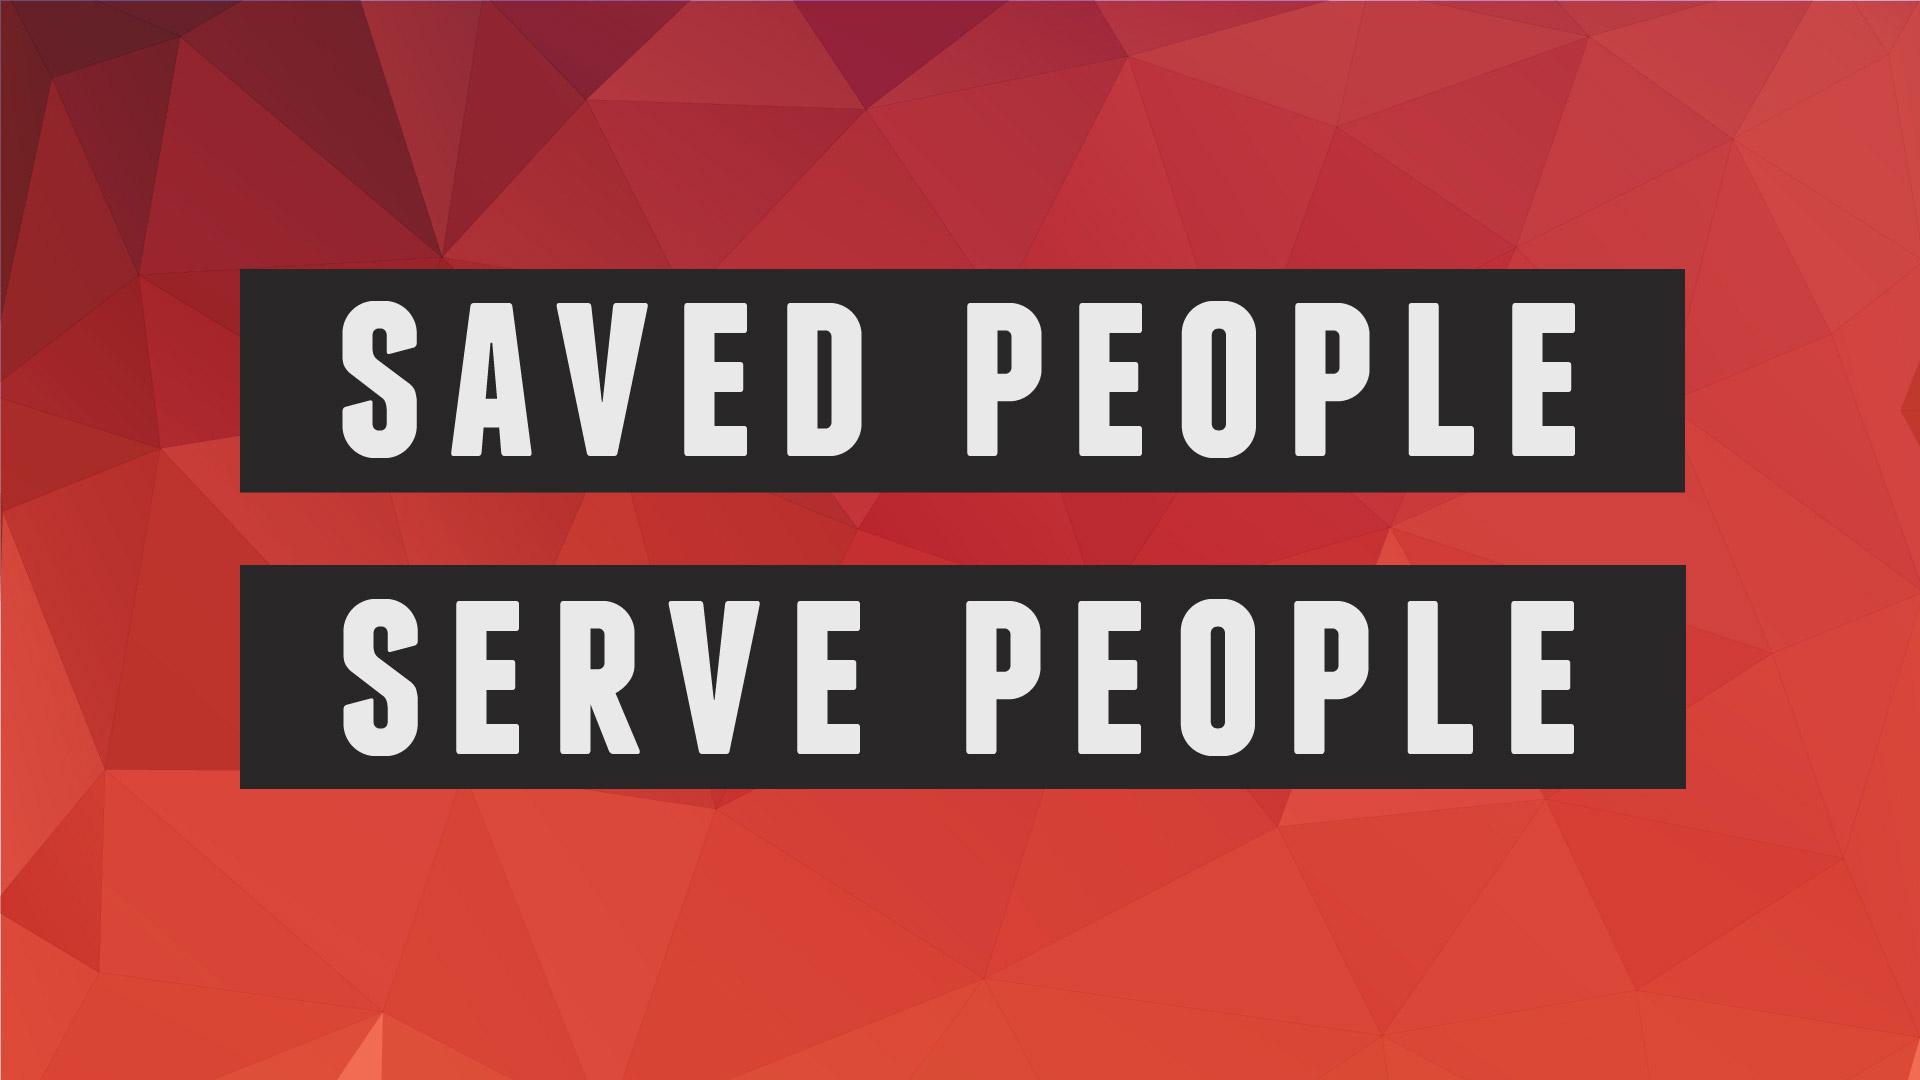 Saved People Serve People-01.jpg